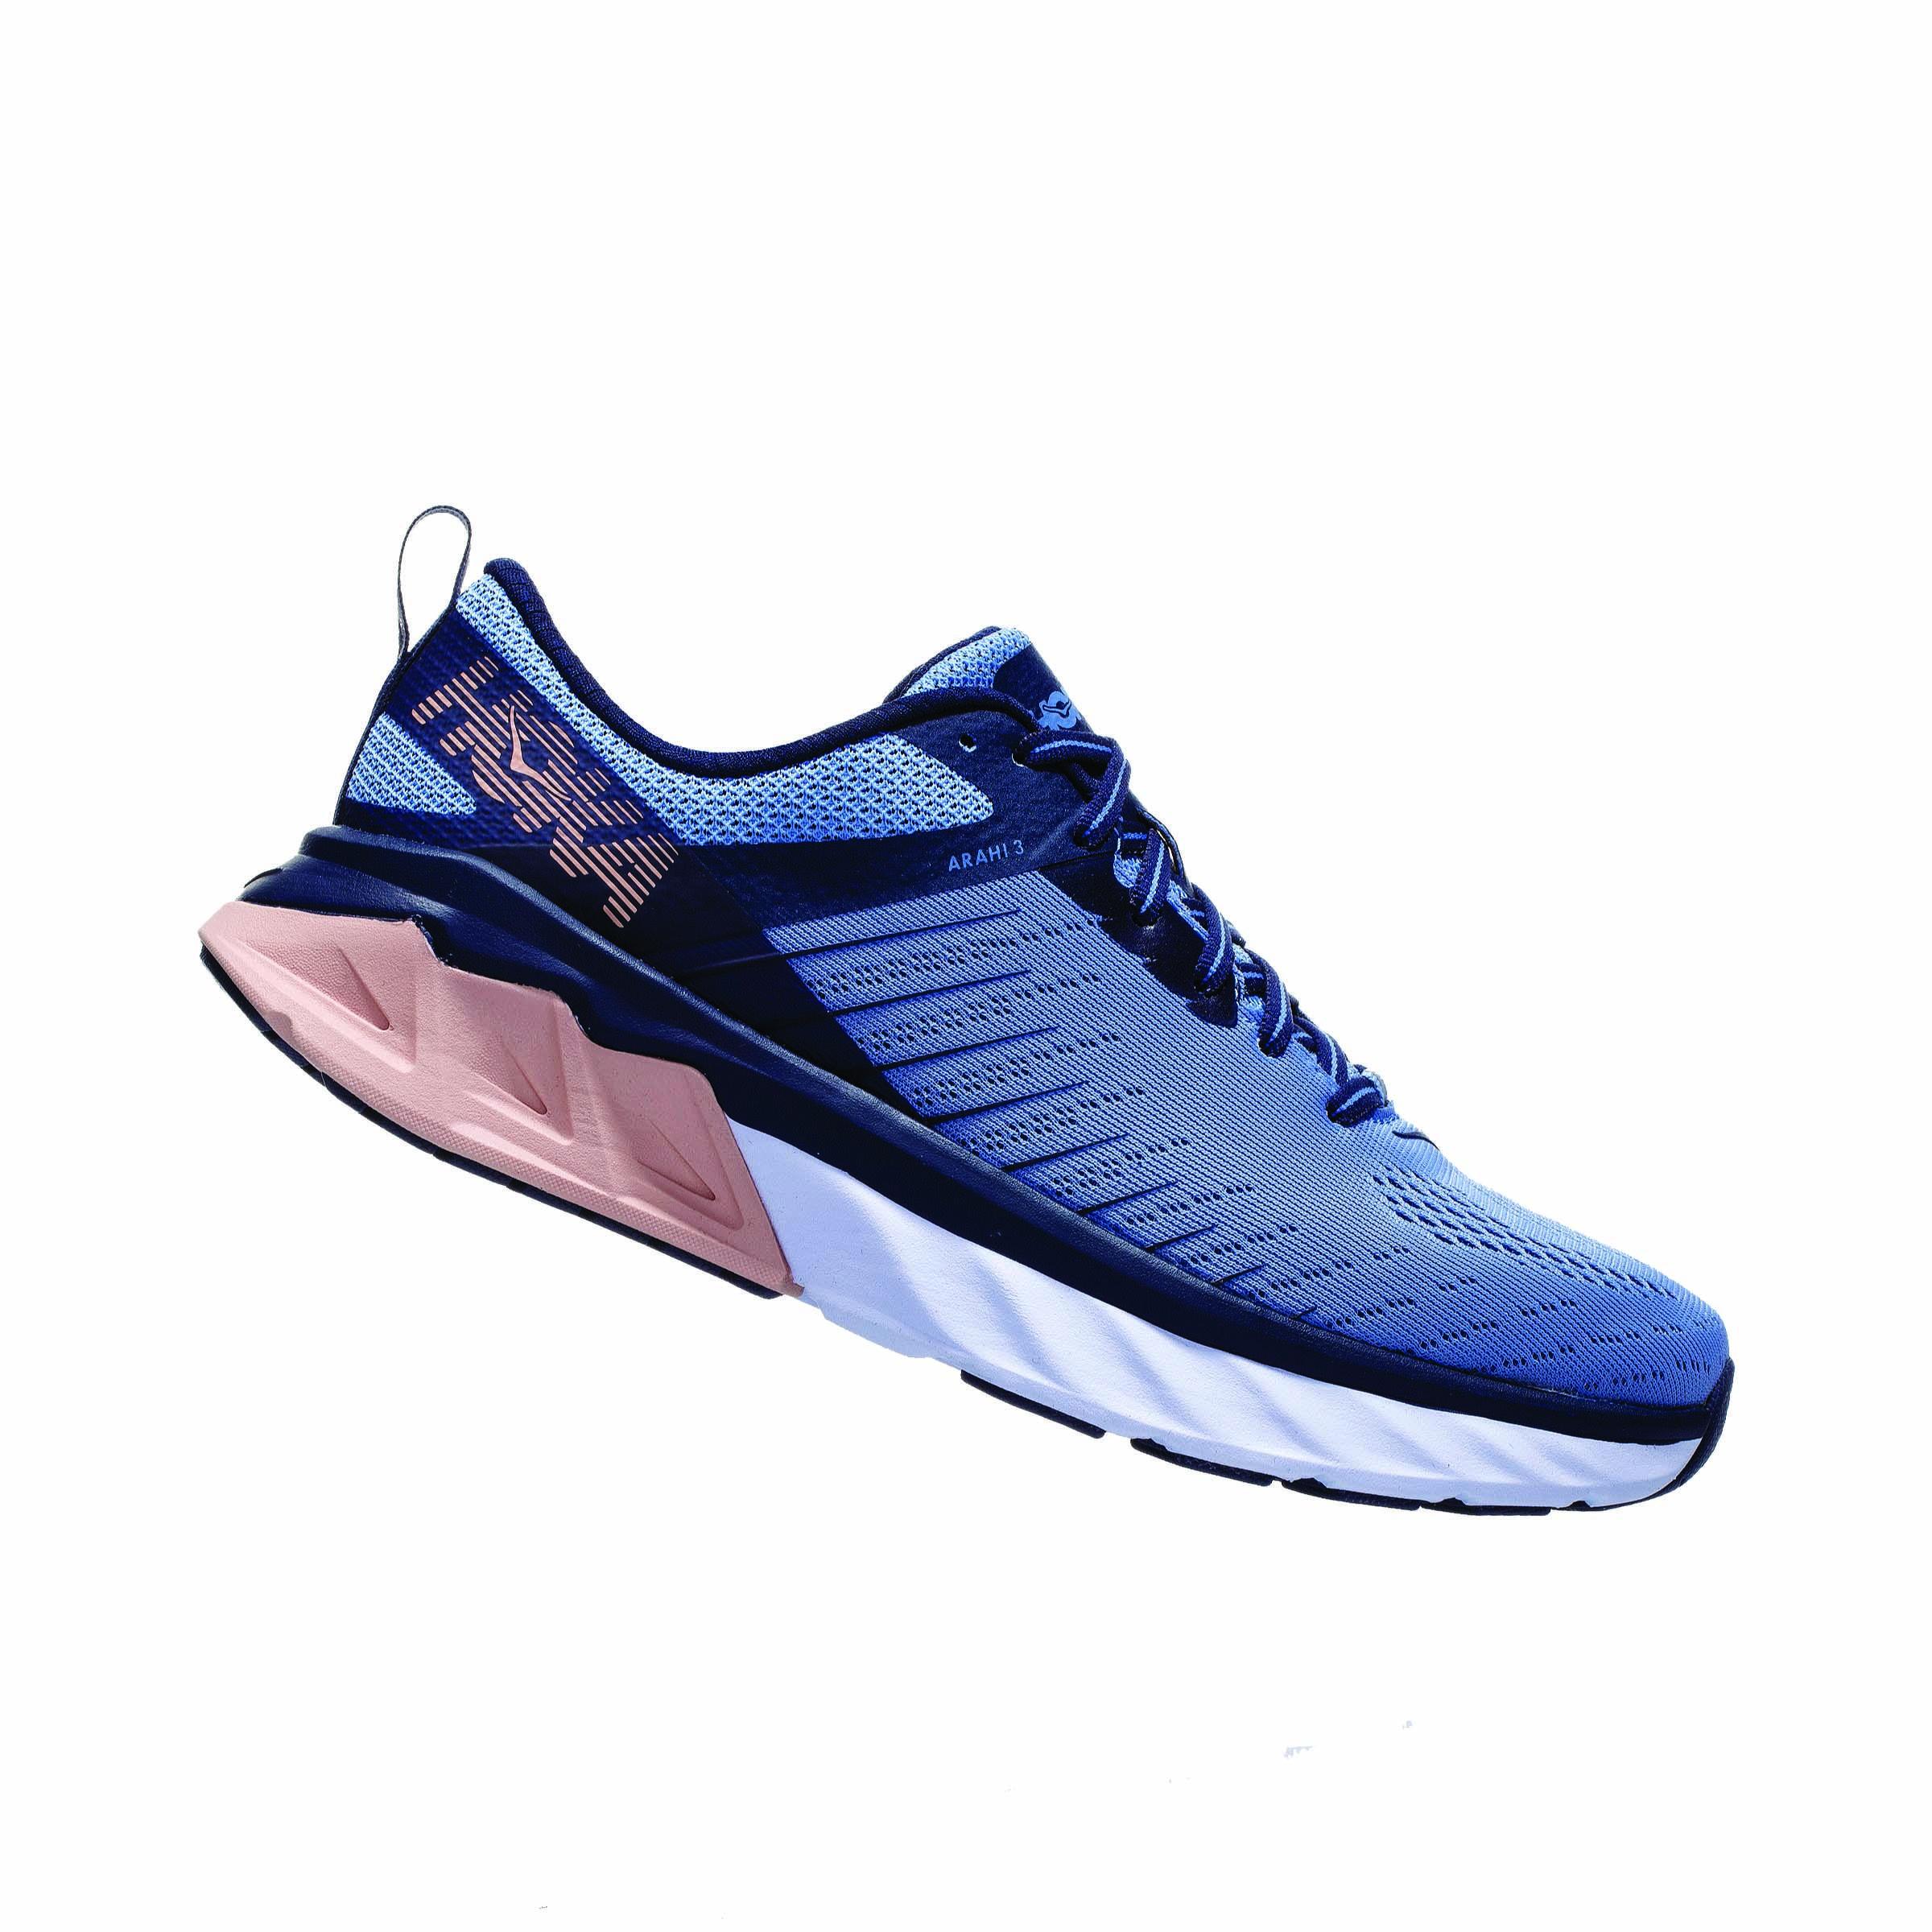 Acquista 2 FUORI QUALSIASI CASO best running shoes E OTTIENI